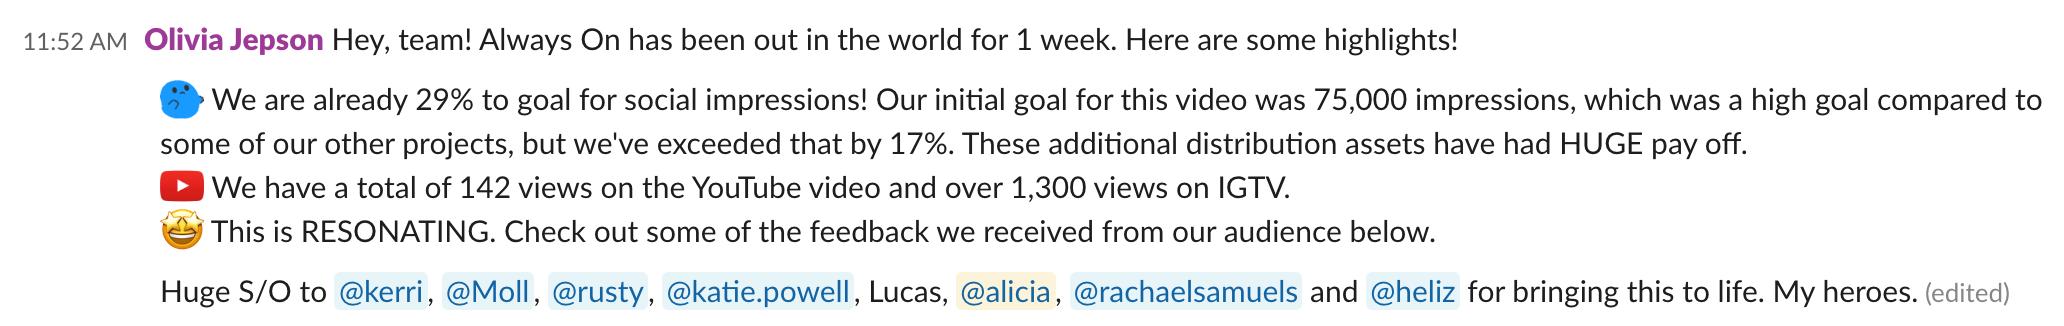 Mensaje flojo que comparte la primera semana de resultados sociales para una campaña de video